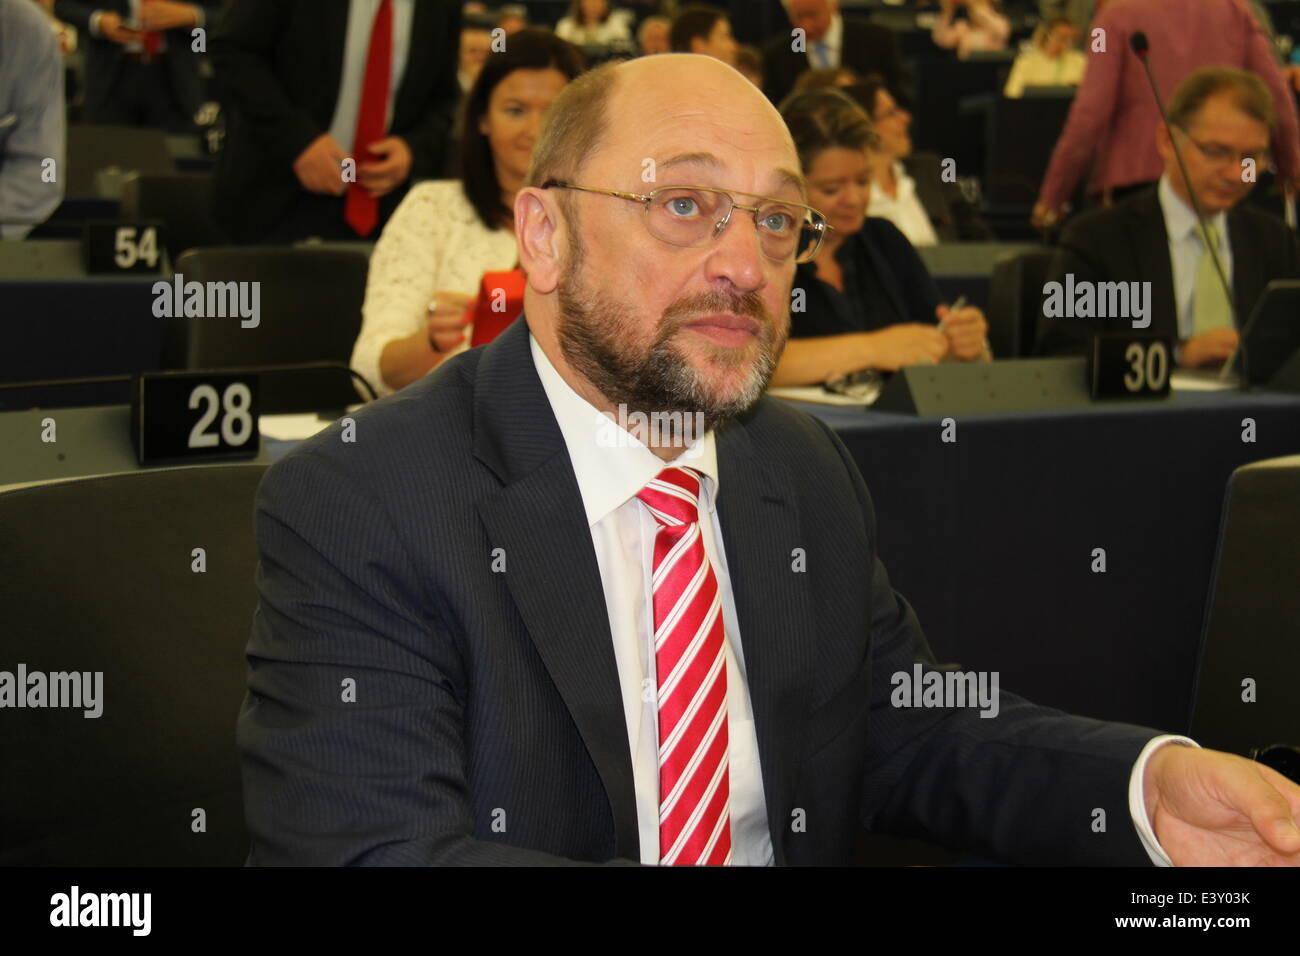 Strasbourg, France. 1er juillet 2014. Martin Schulz attend que les votes pour le président du Parlement européen Photo Stock